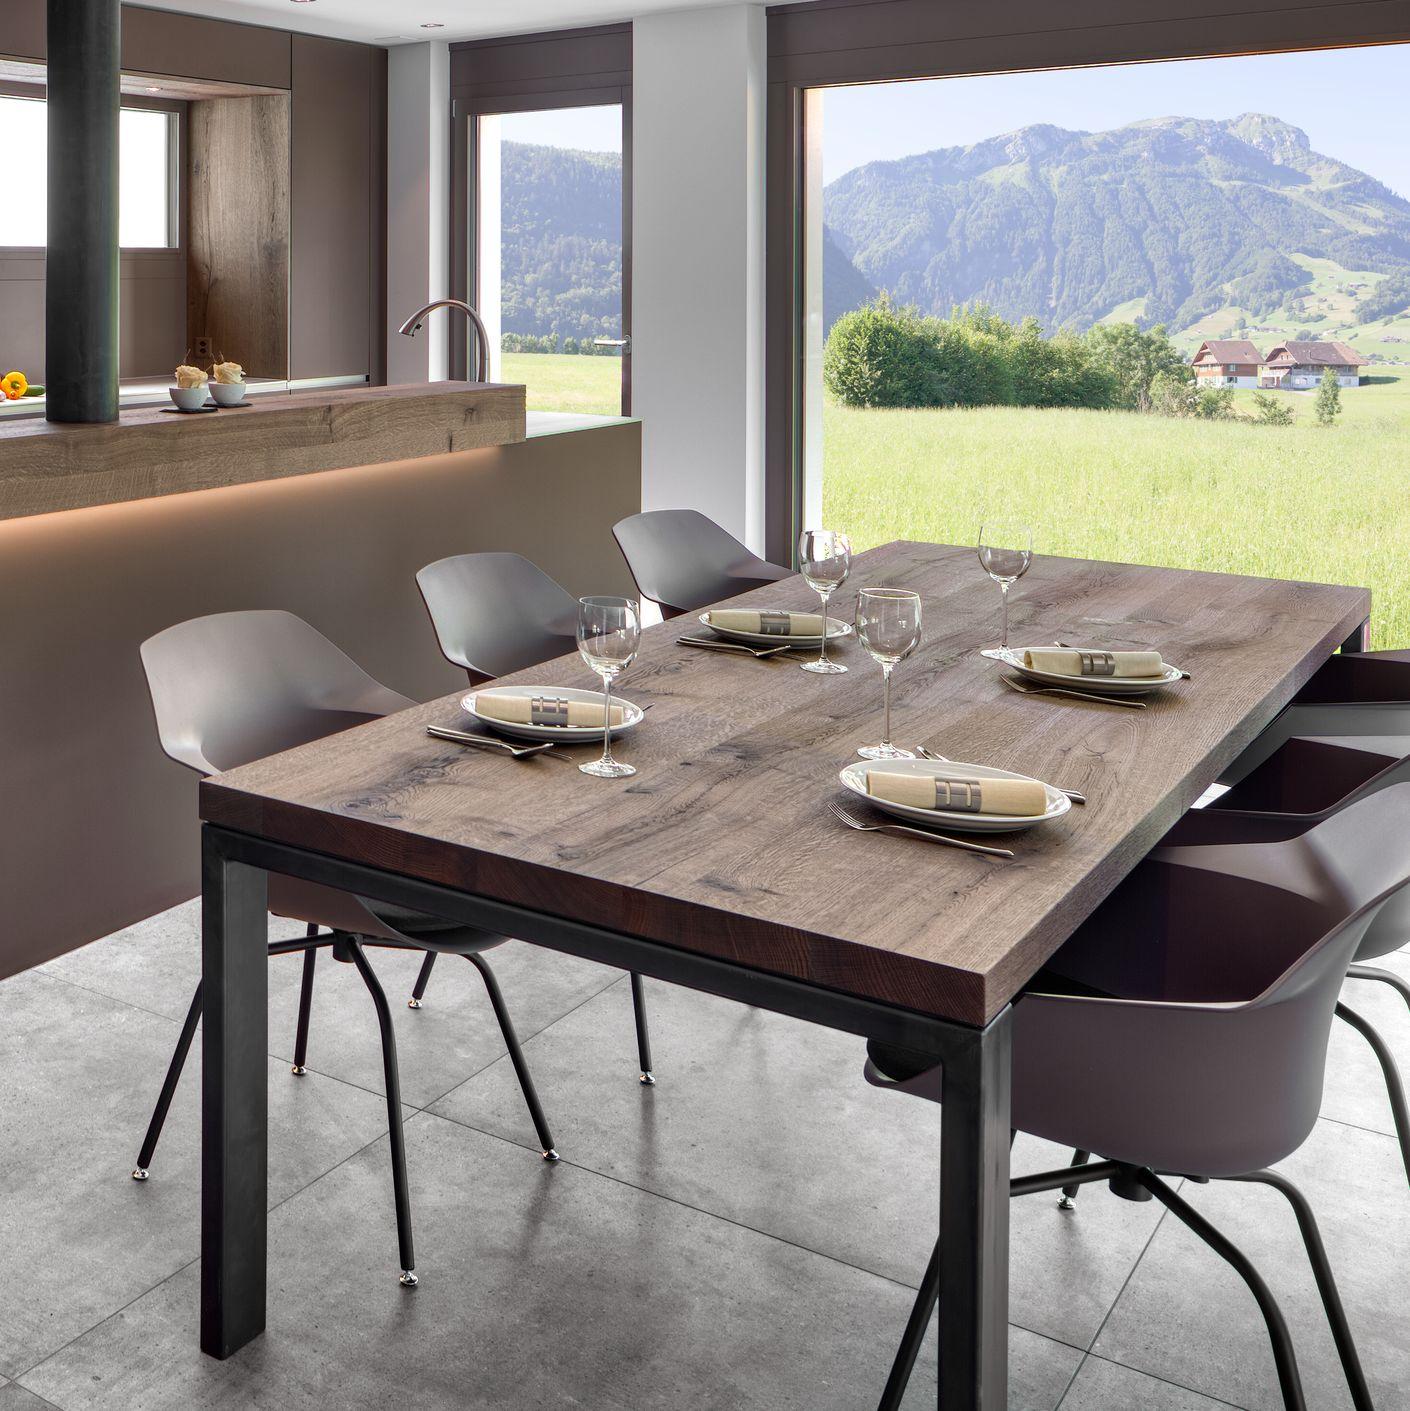 Eine Augenweide ist dieser Esstisch aus Mondsee Eiche Altholz, pfiffig kombiniert mit Zunderstahl, von Hand veredelt. Für mehr Beinfreiheit wurden die Tischfüsse aussen platziert.